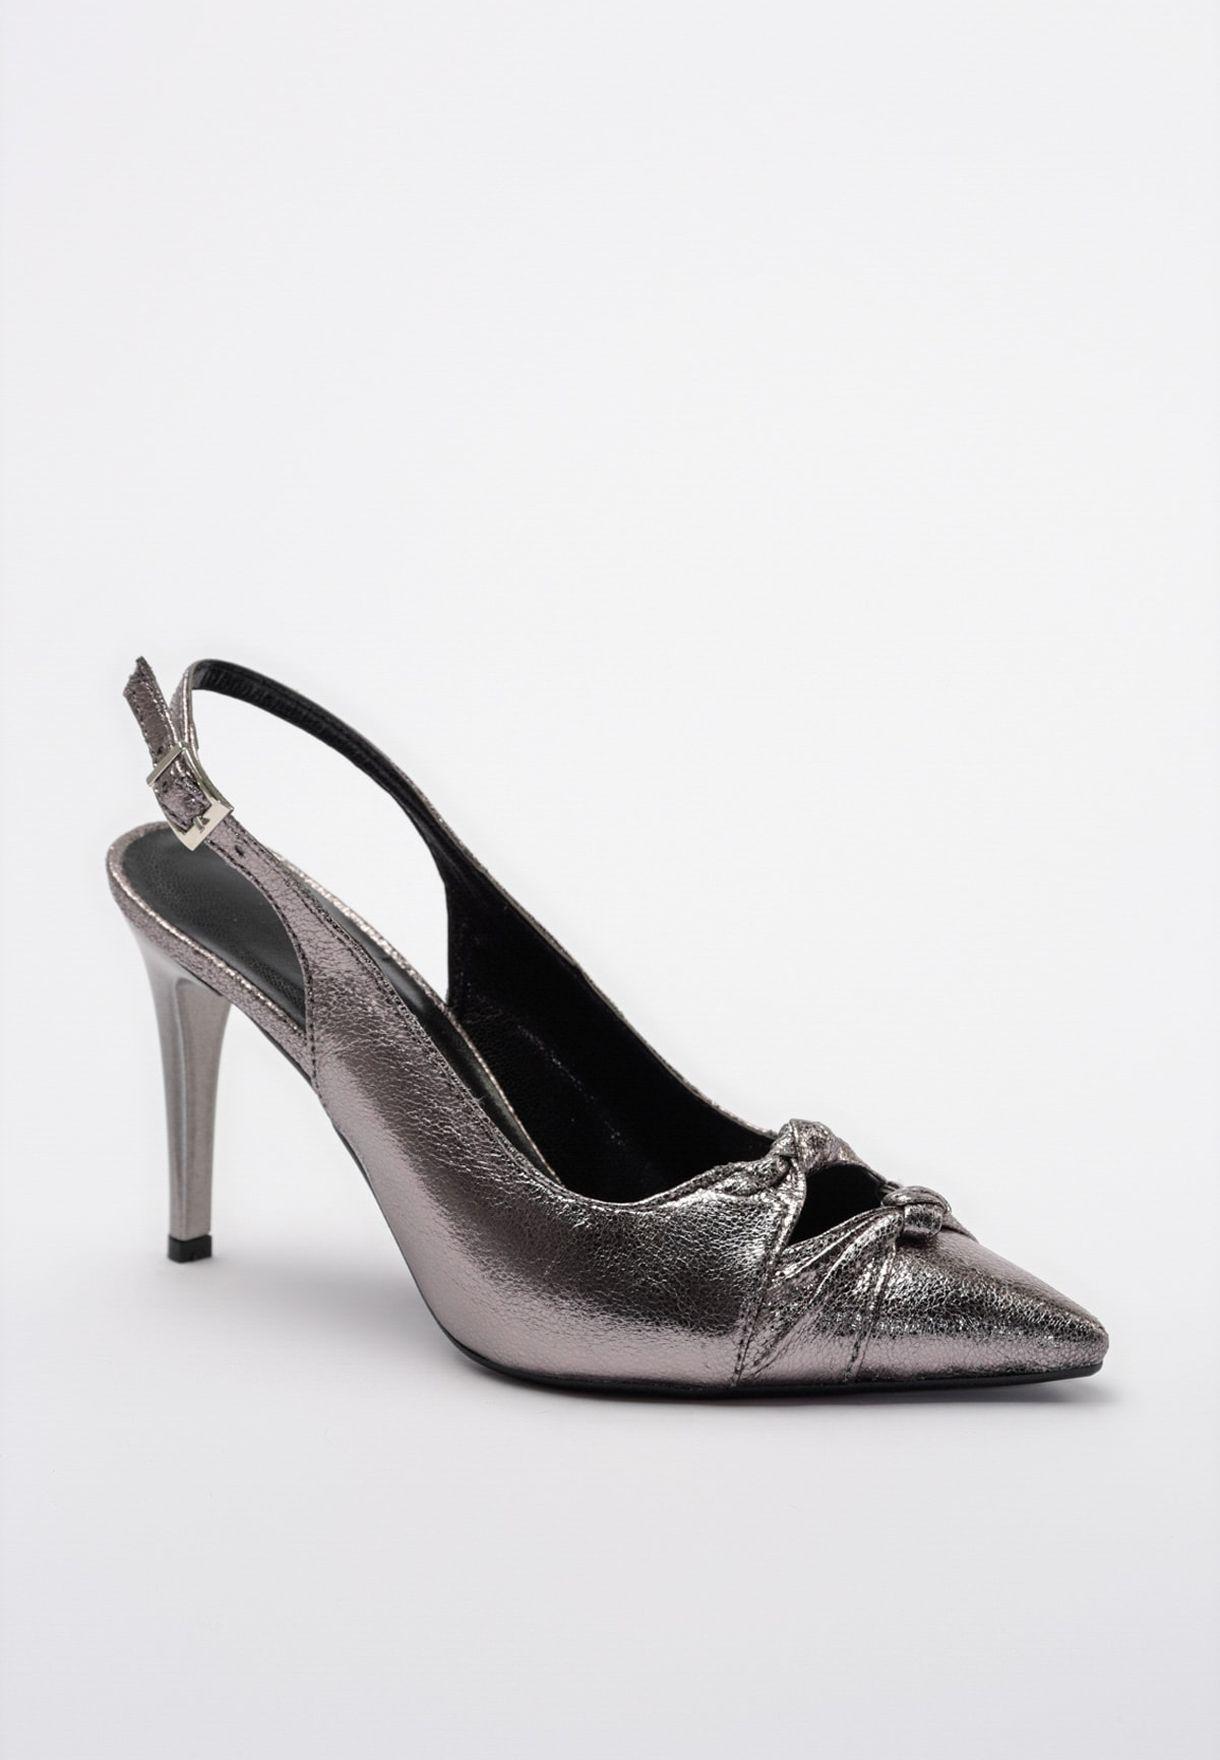 حذاء بكعب عالي وسير خلفي